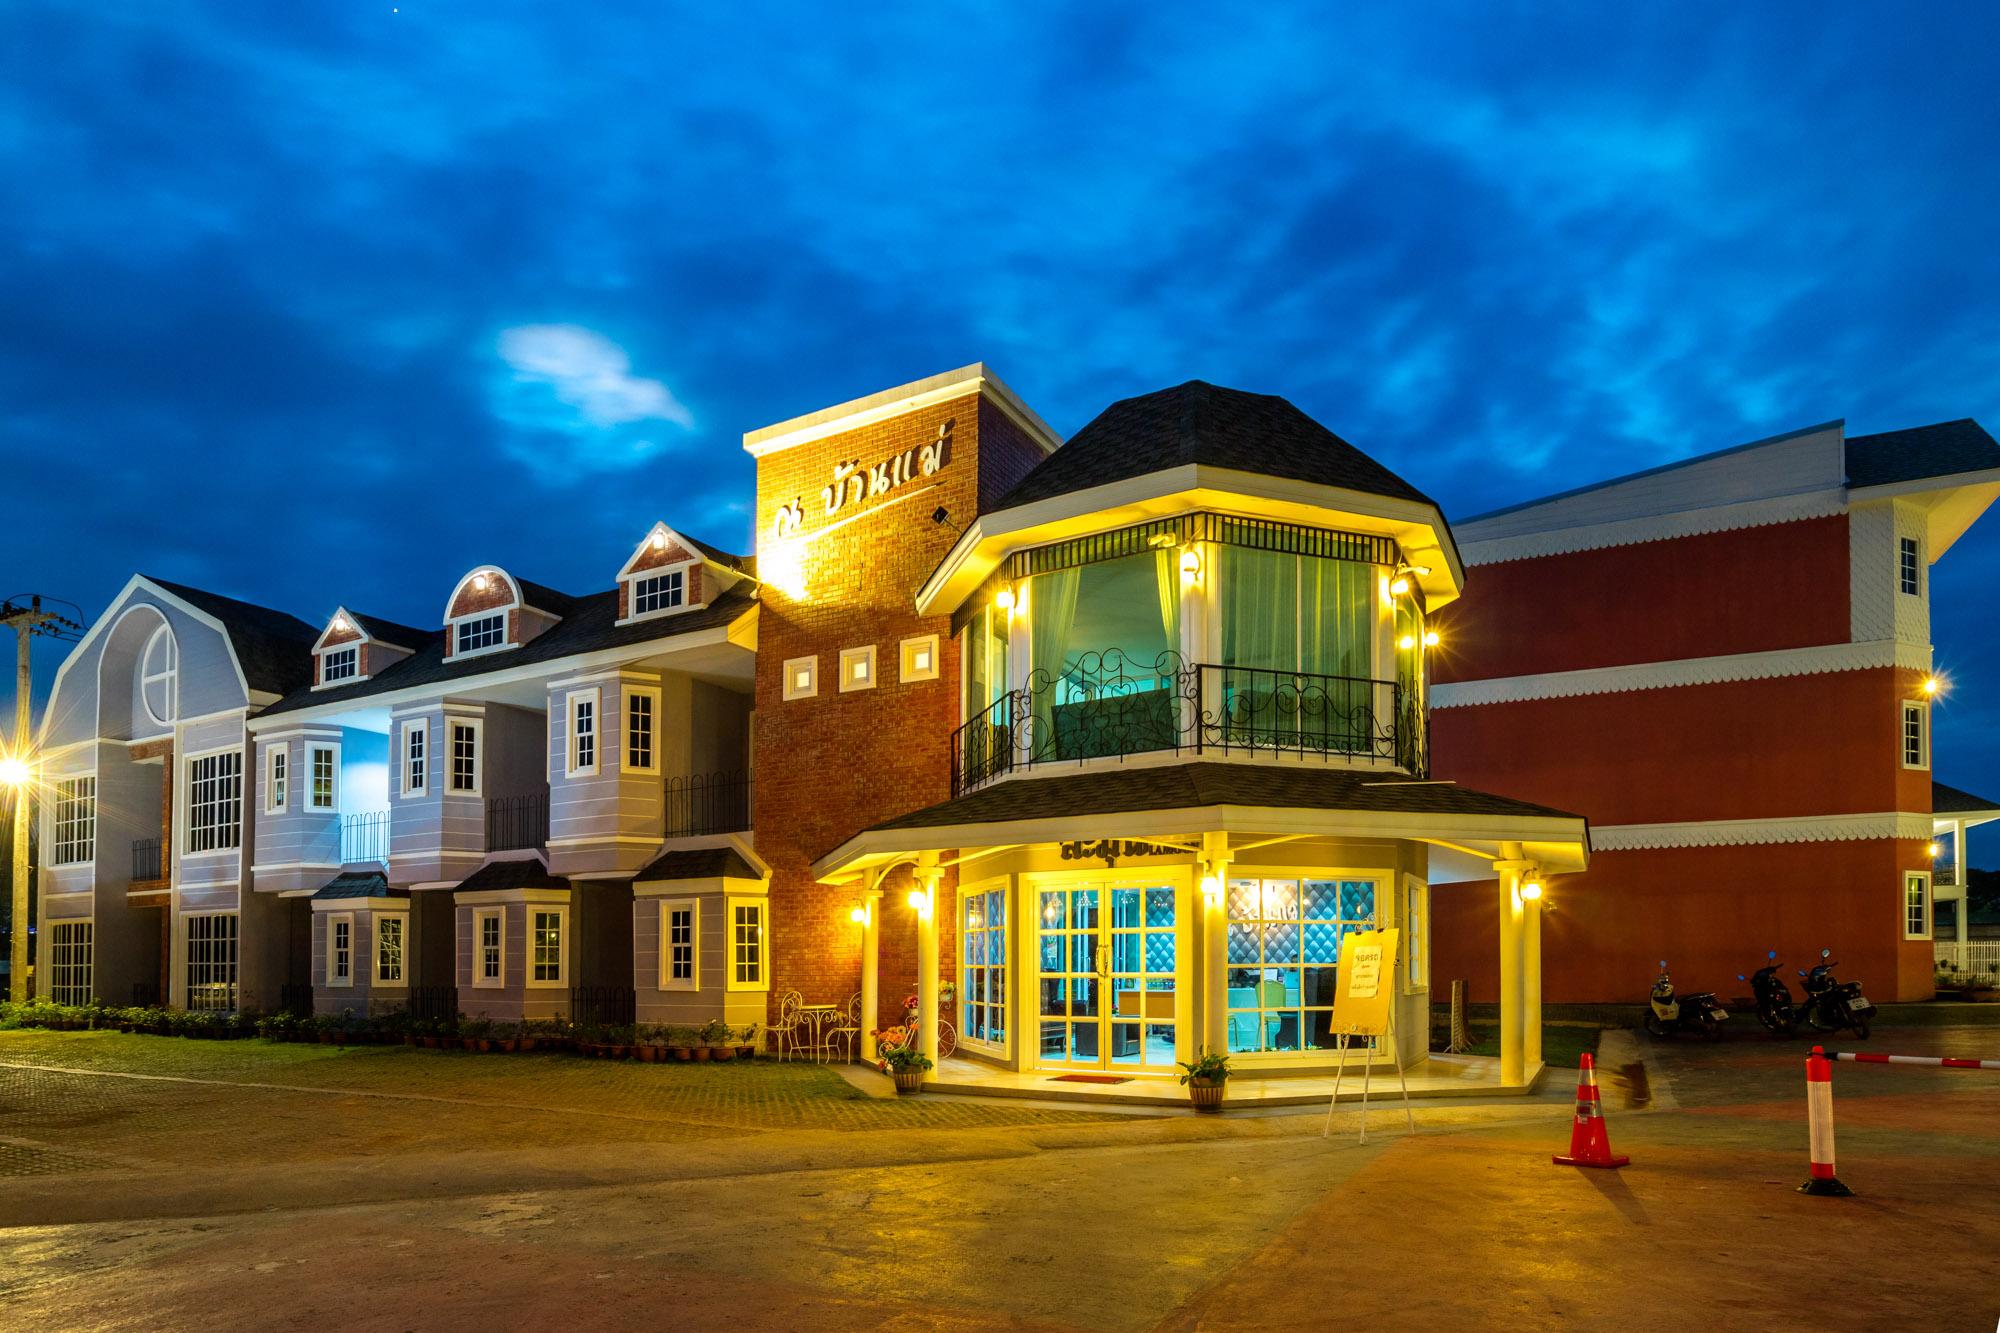 ณ บ้านแม่ รีสอร์ท ลำปาง Na Baan Mae Resort  ณ บ้านแม่ รีสอร์ท Nabaanmae resort ลำปาง งามสไตล์ยุโรป IMG 3880